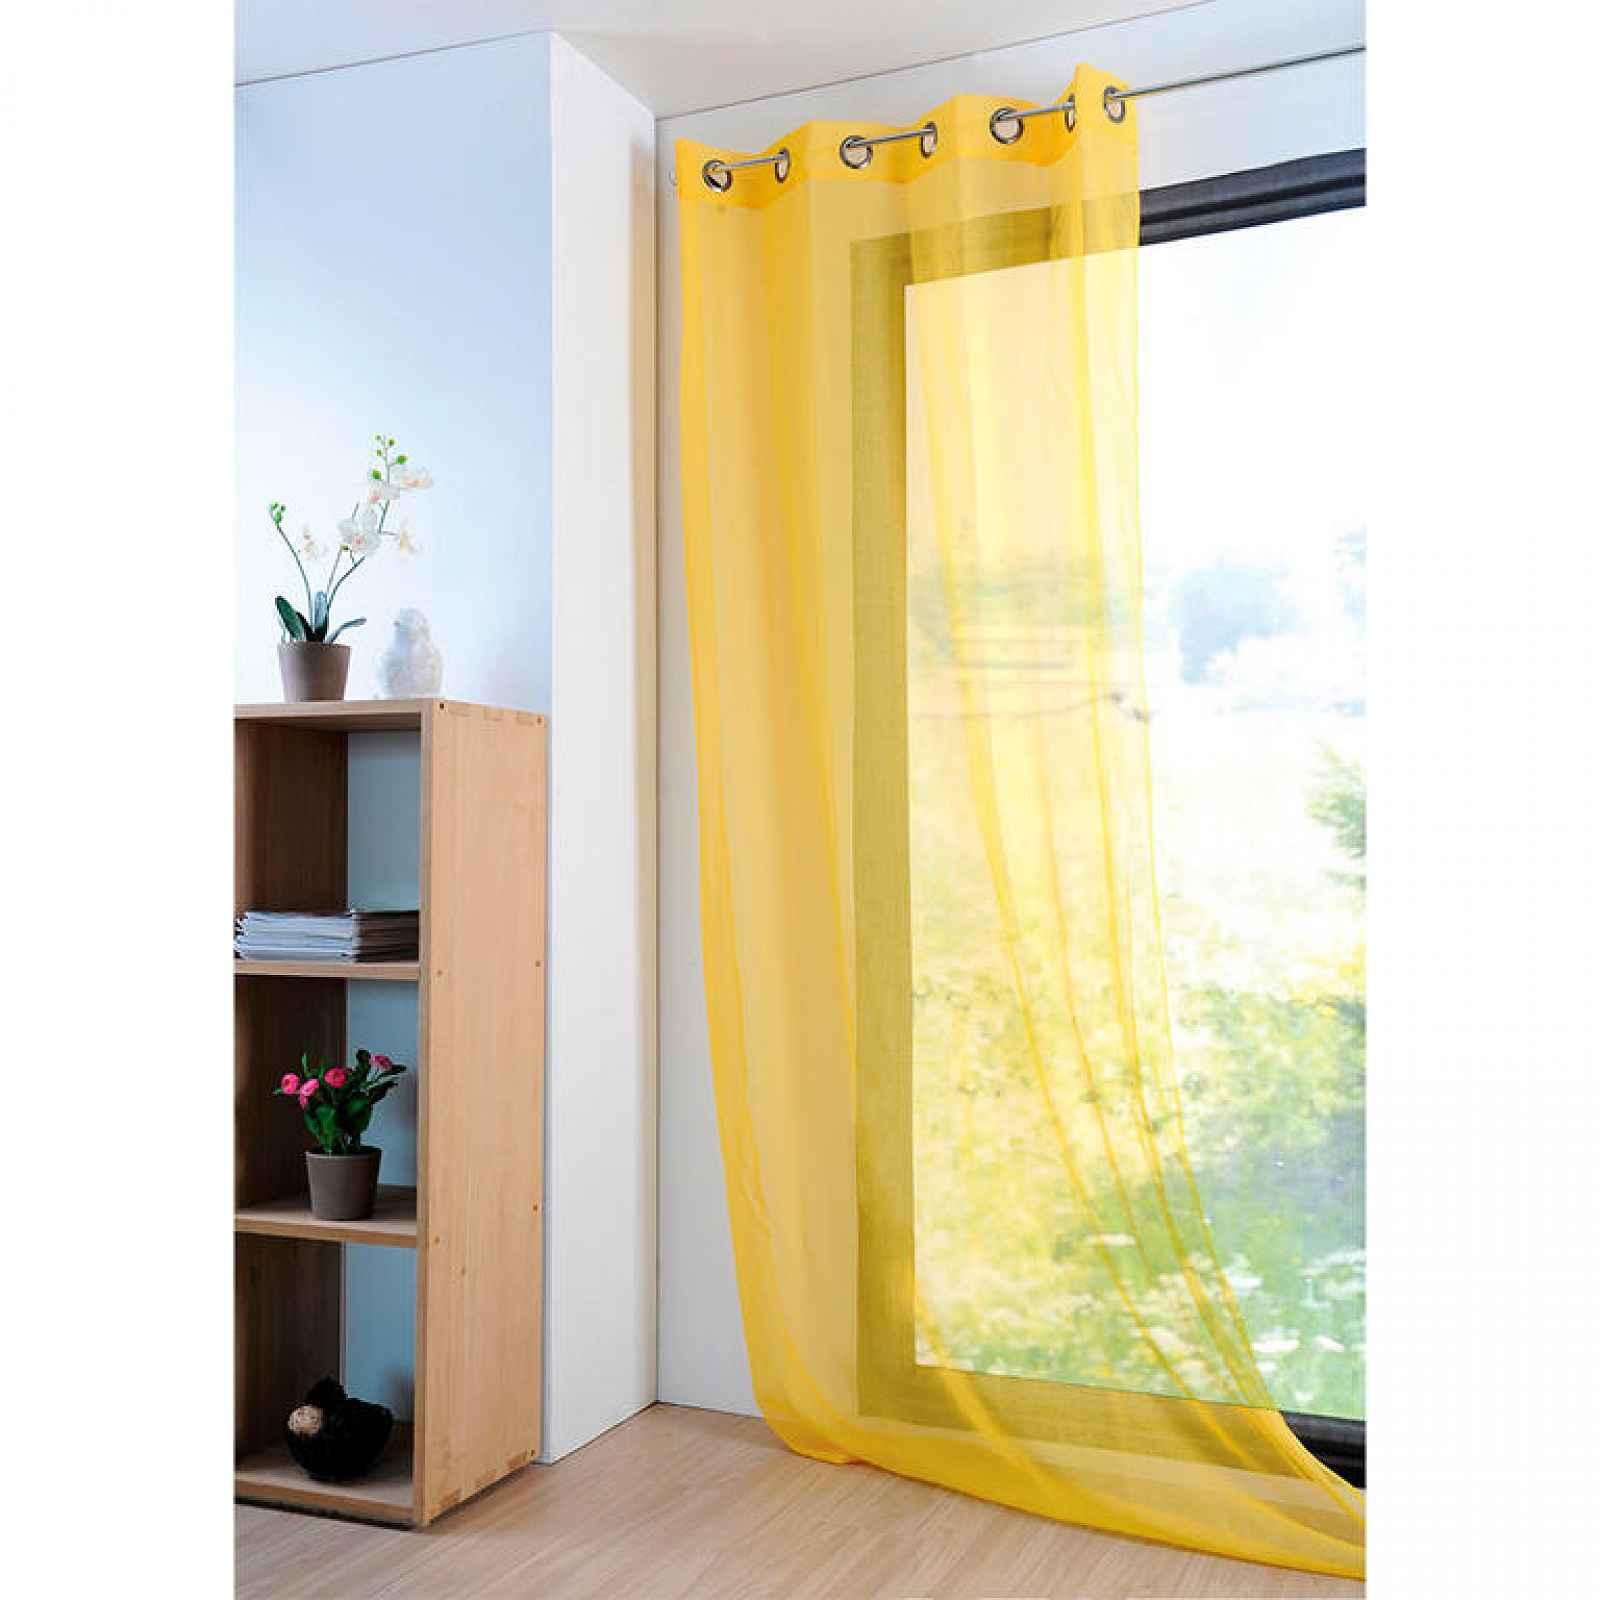 Dekorační závěs MONNA žlutá 135 x 260 cm 1 ks